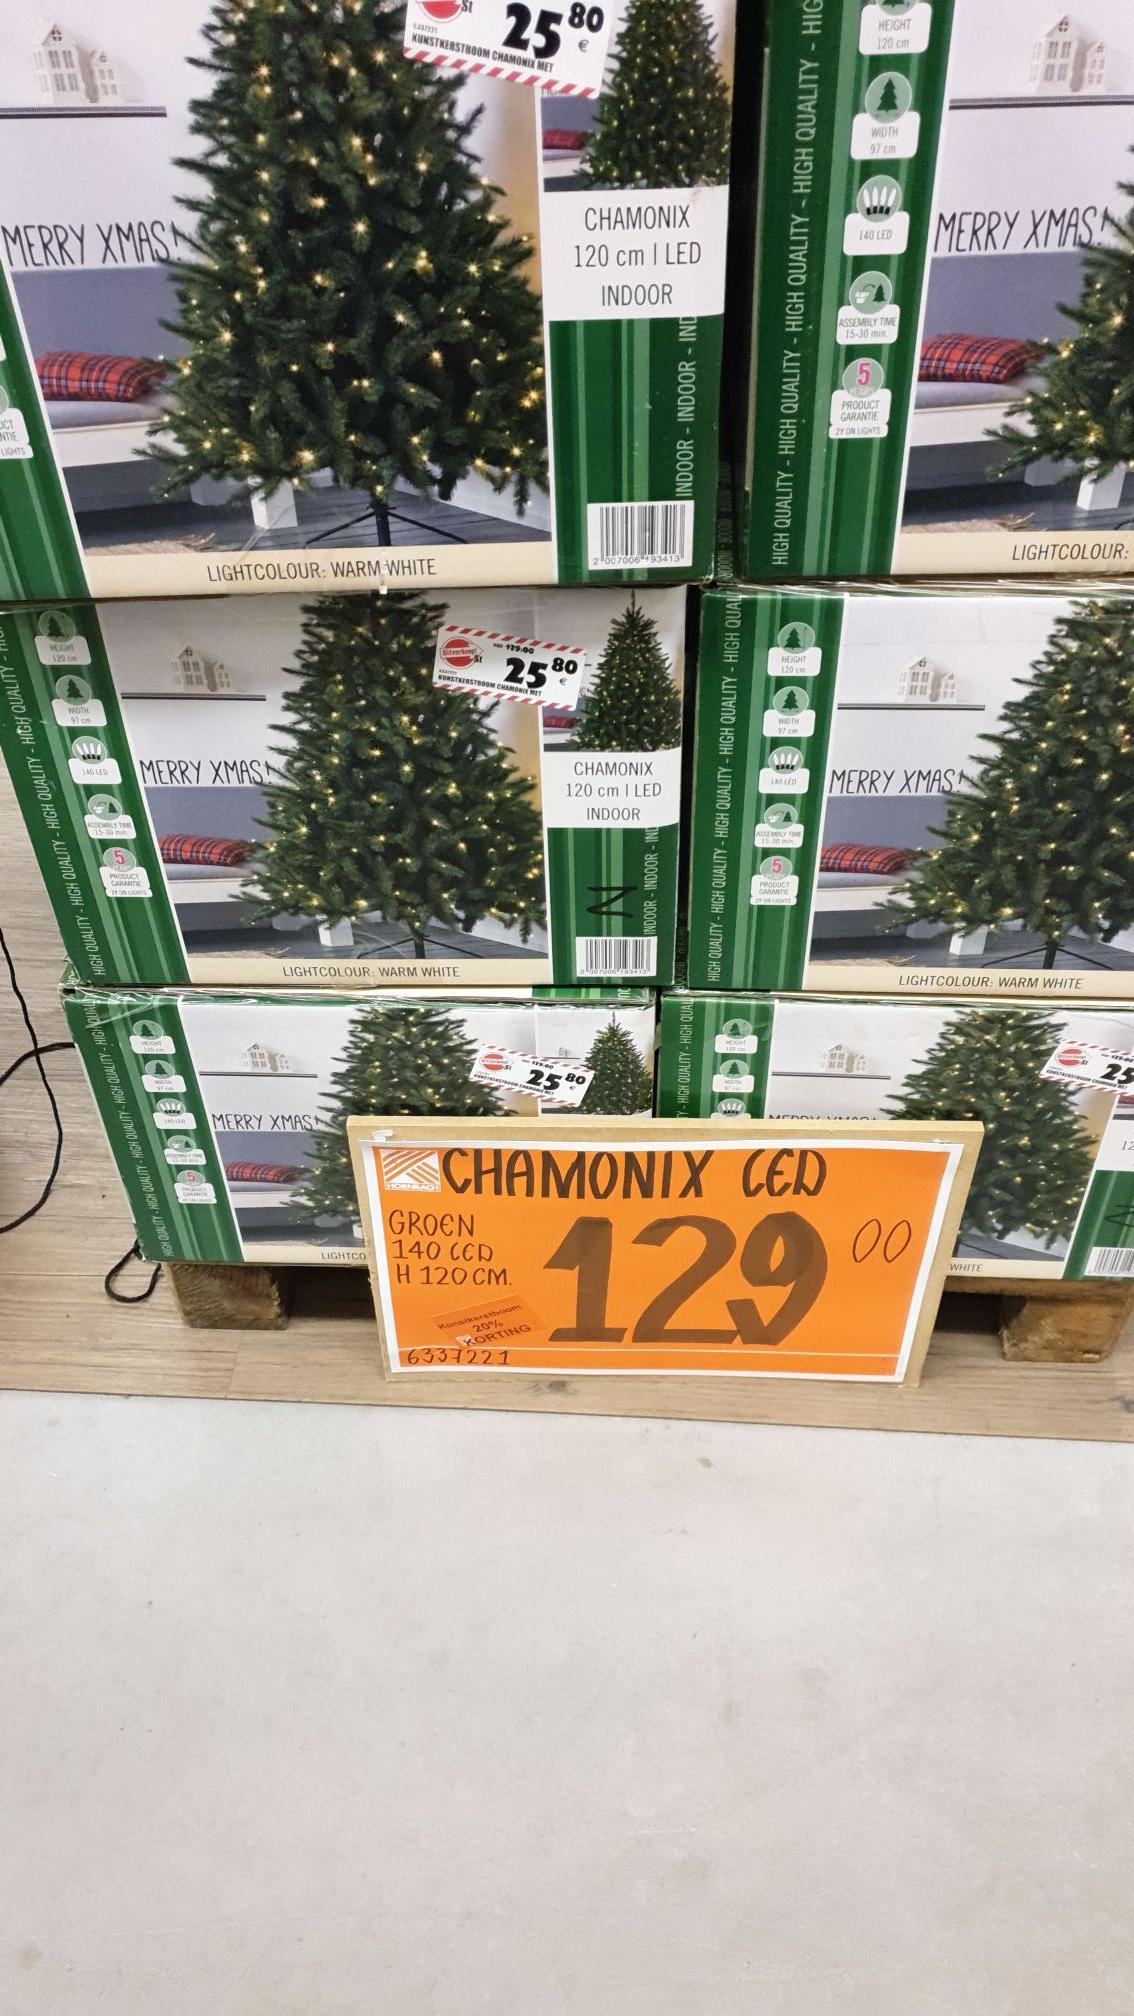 Hornbach kerstboom 120 cm inclusief lichtjes van 129 euro naar 25.80